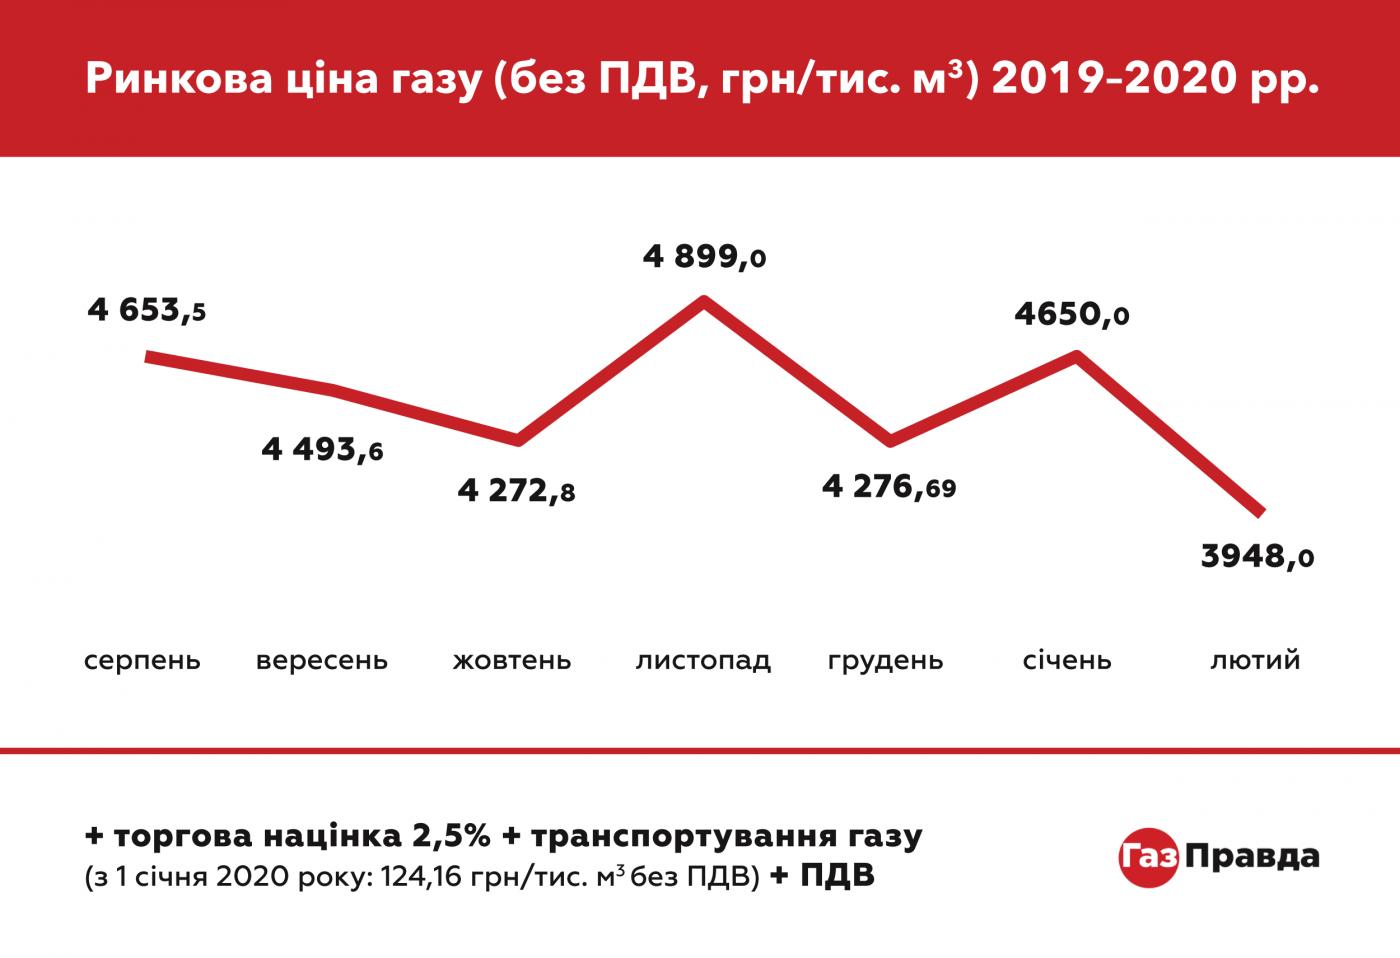 В феврале украинцы получили рекордно низкие платежки: как менялась цена на газ в последние полгода